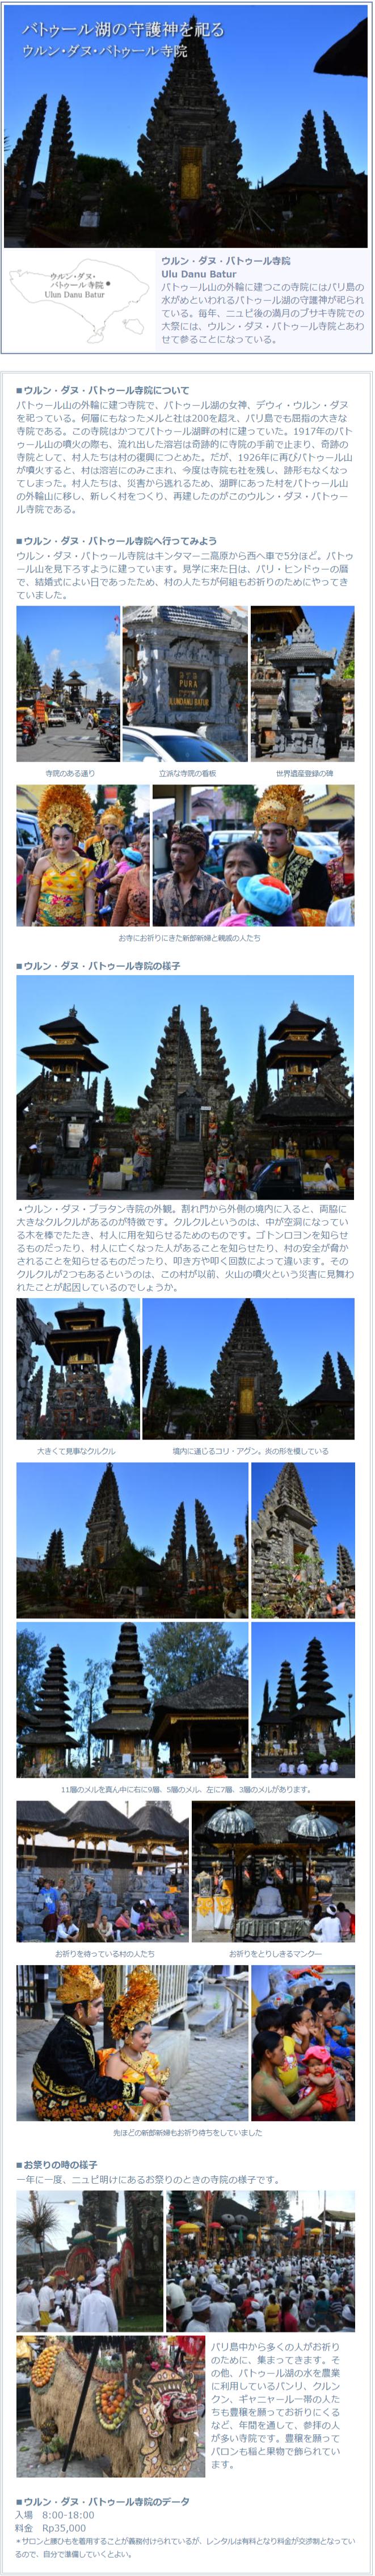 ウルンバトゥ―ル寺院の説明